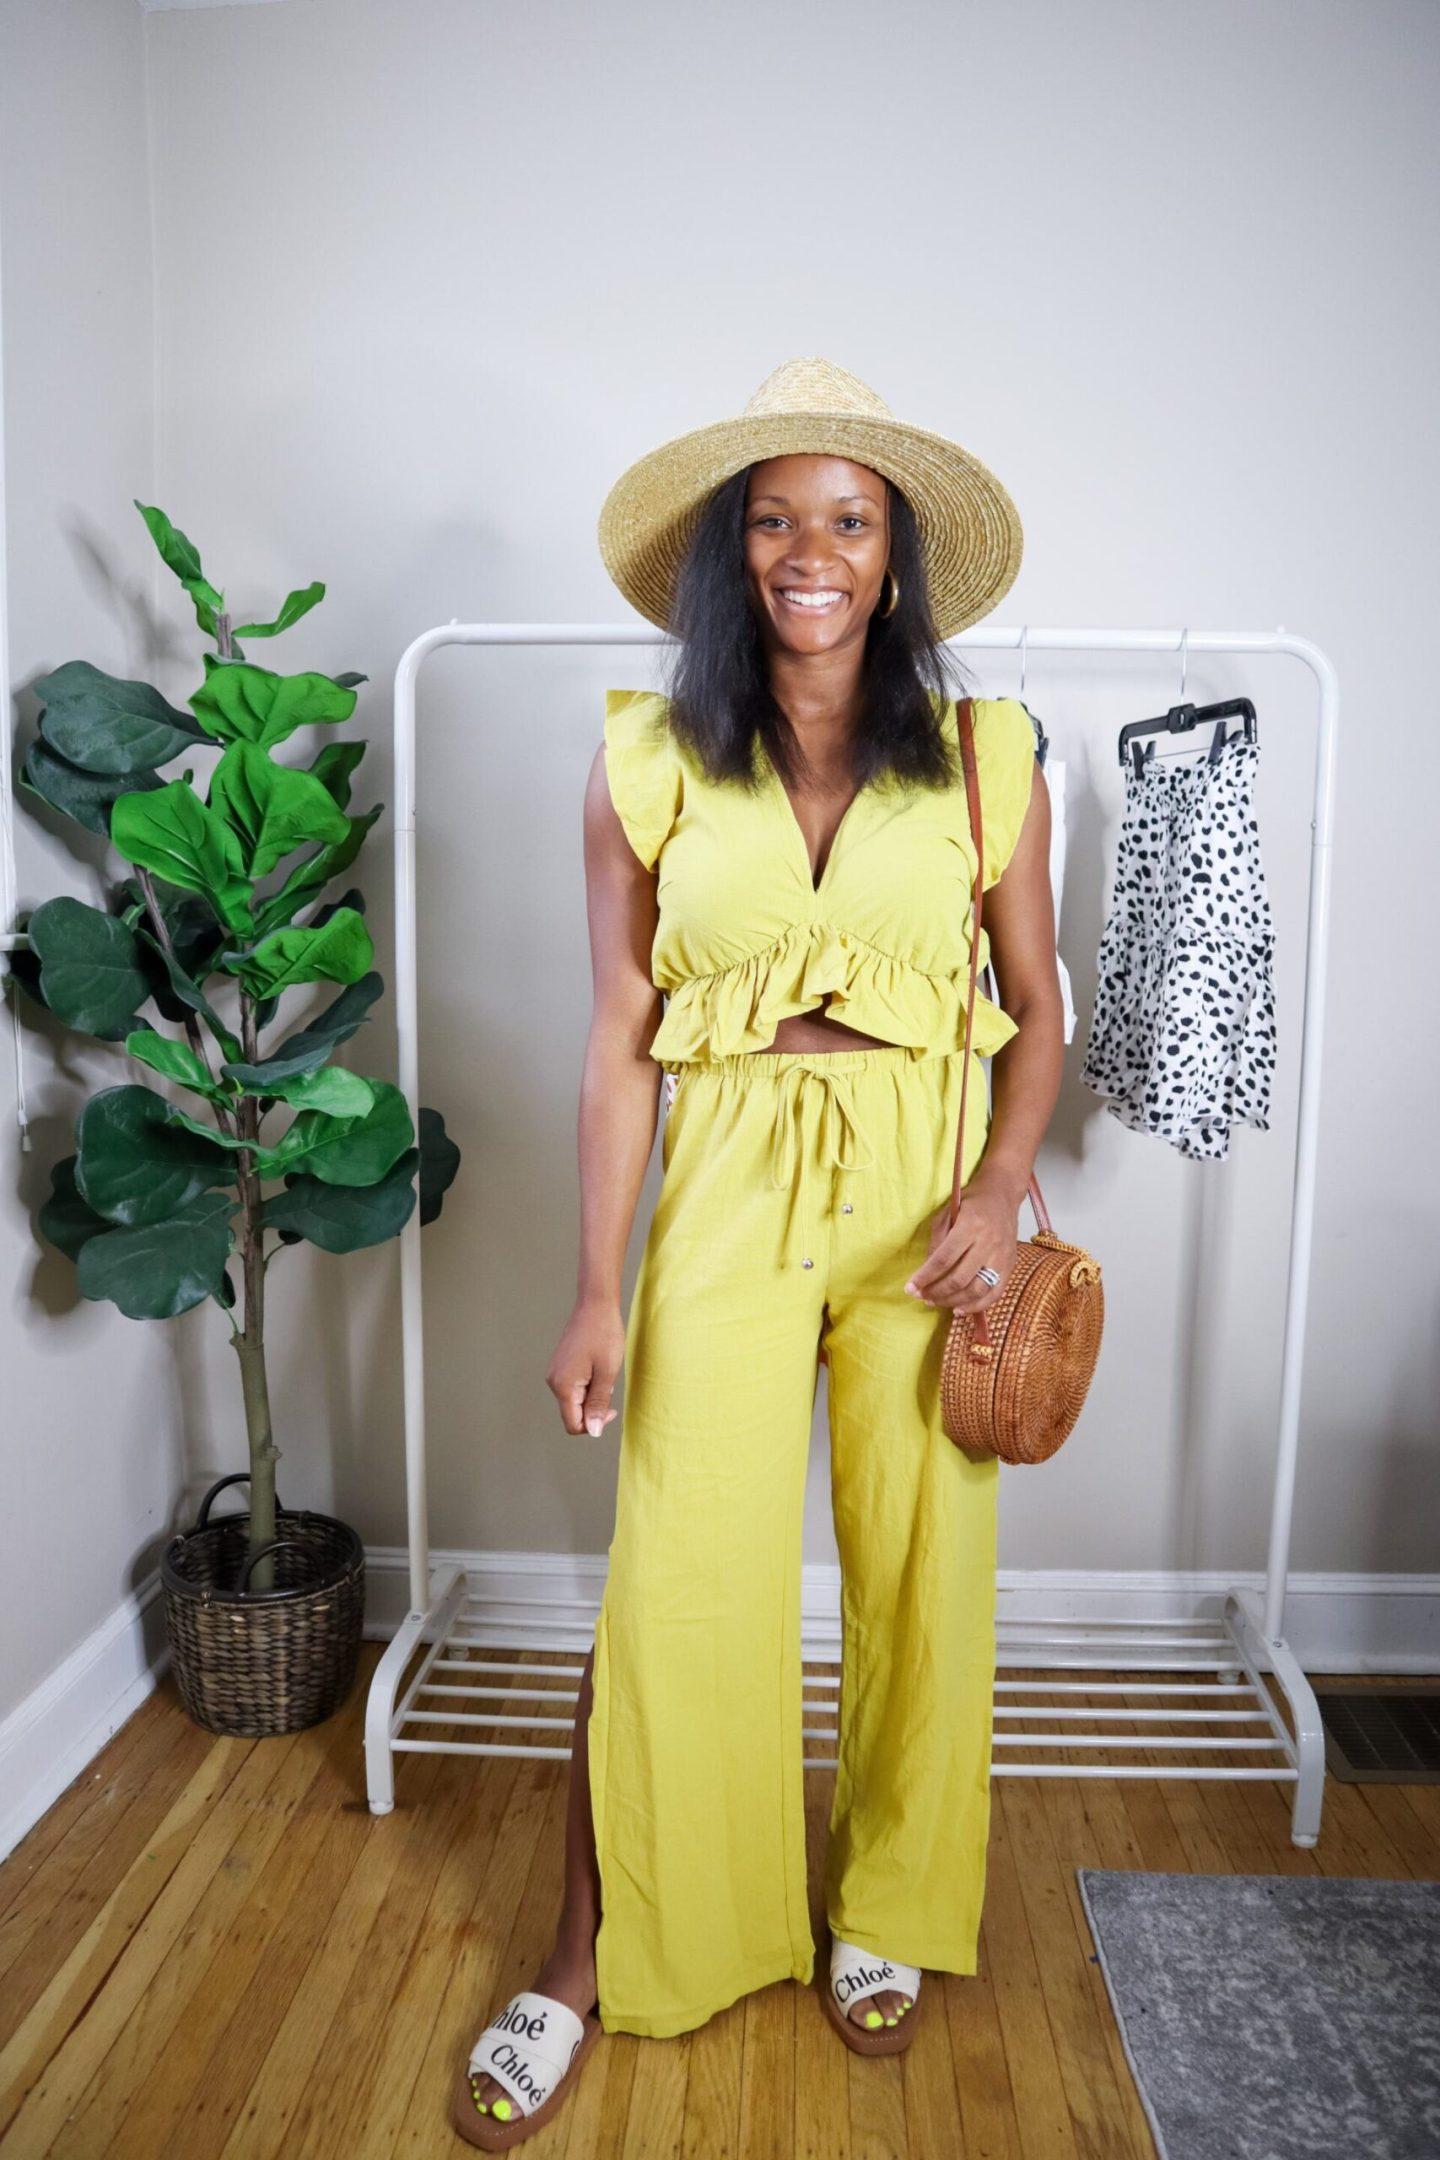 Prime Day 2021 Fashion Picks